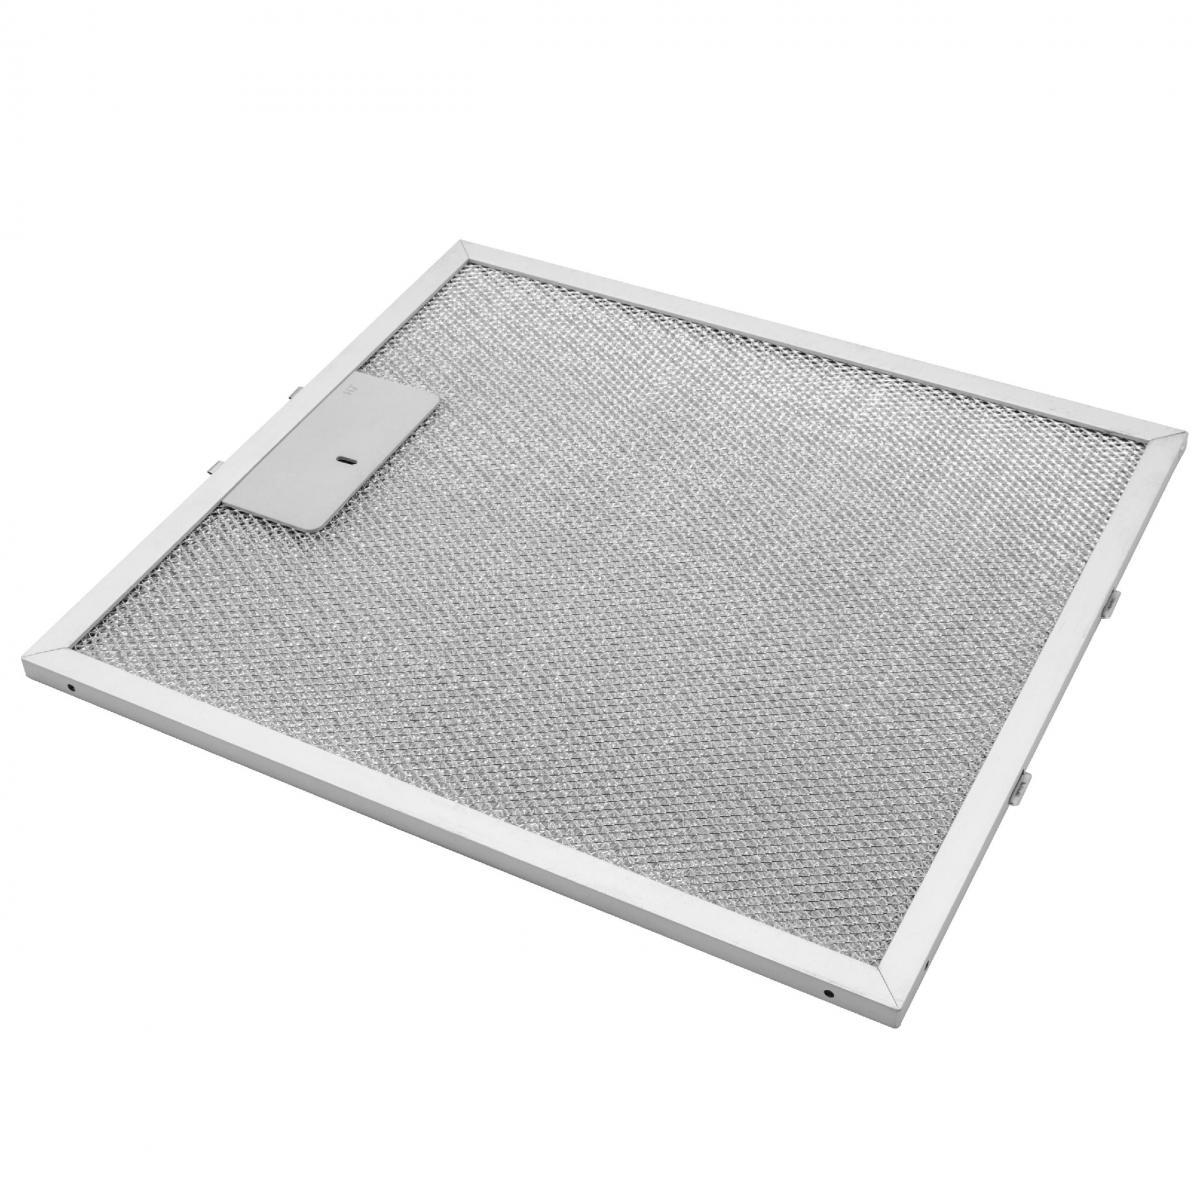 Vhbw vhbw Filtrepermanent filtre à graisse métallique 30,6 x 27,8 x 0,85 cm convient pour Faure HES601G hottes de cuisinière